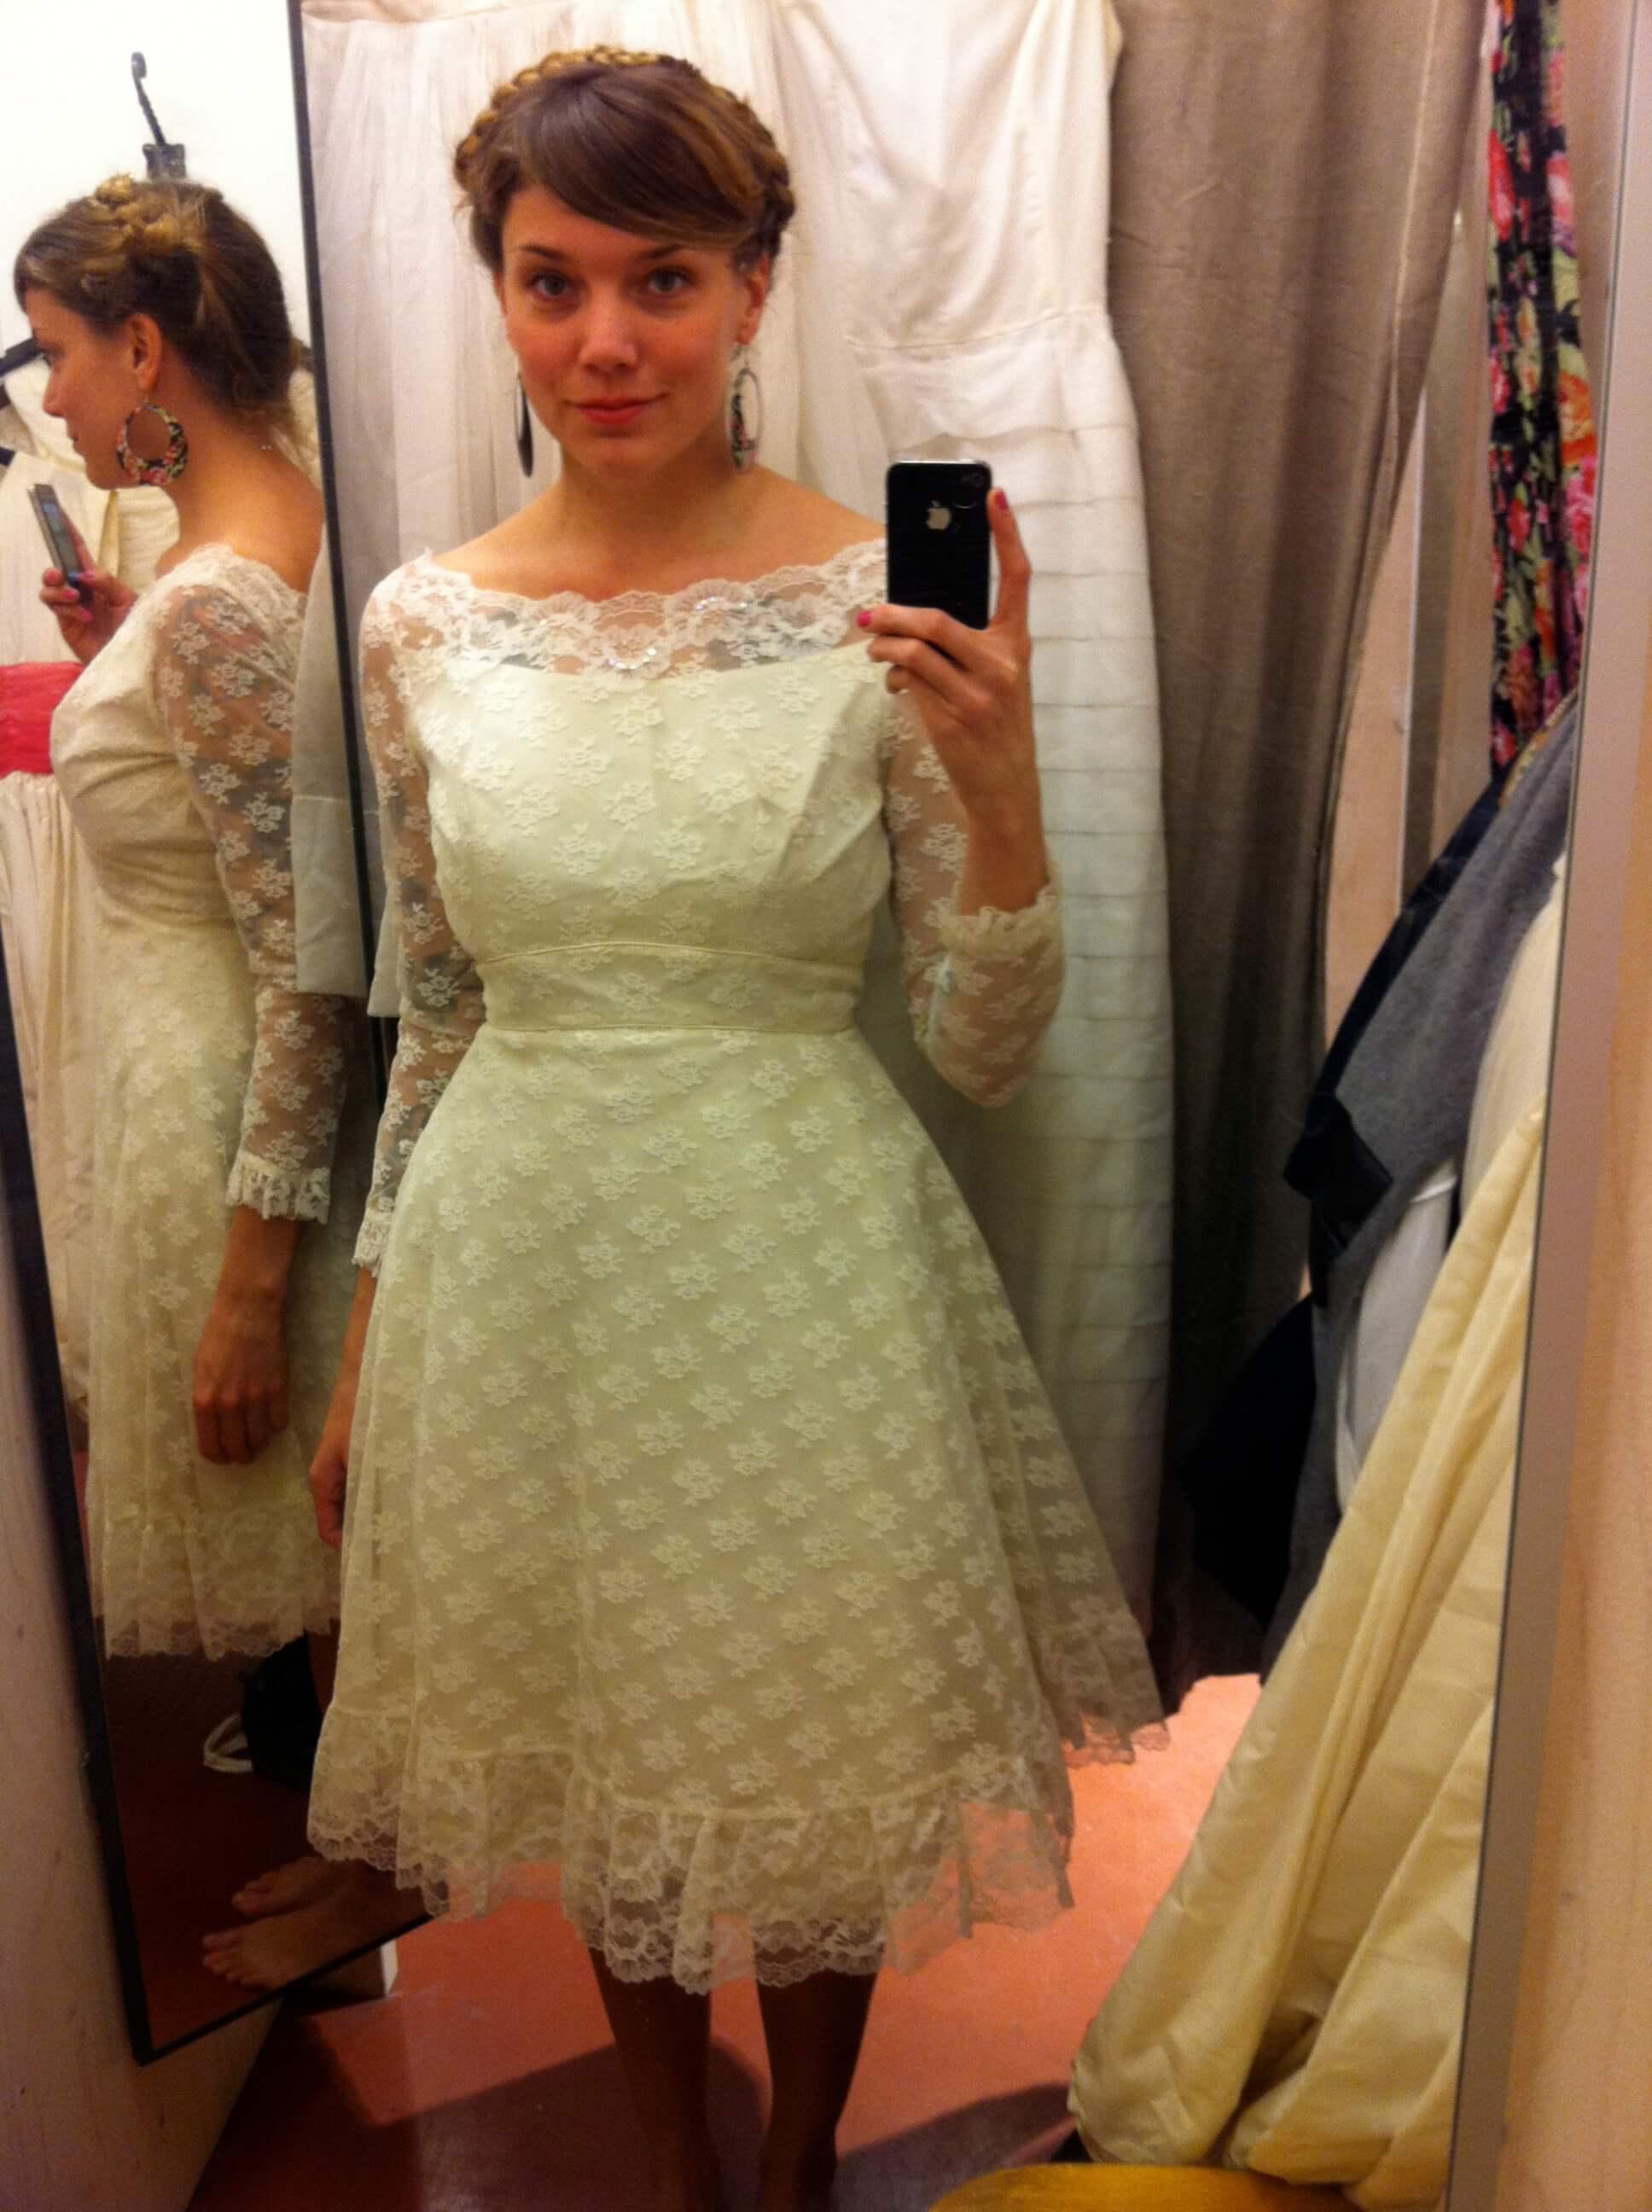 klänningar-arkiv - Sida 3 av 4 - Helen Alfvegren dbbc484529f17